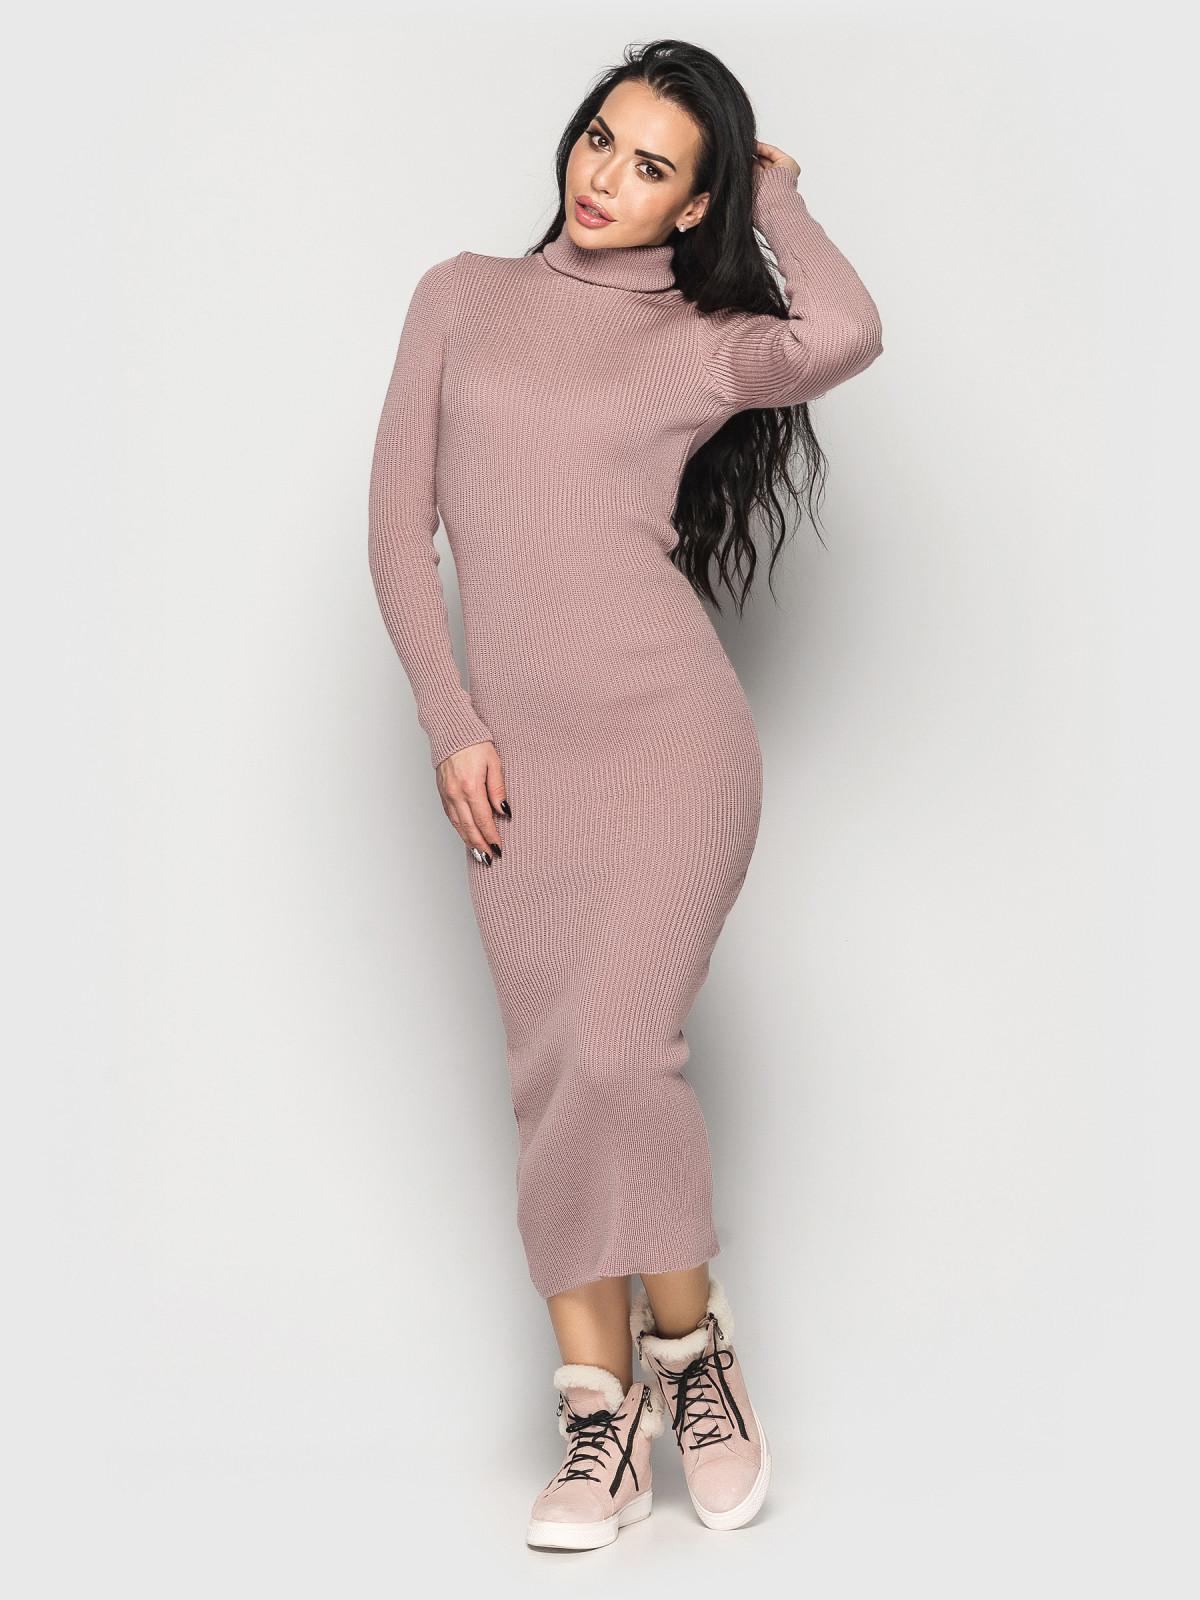 Платье вязаное Simona пудровый